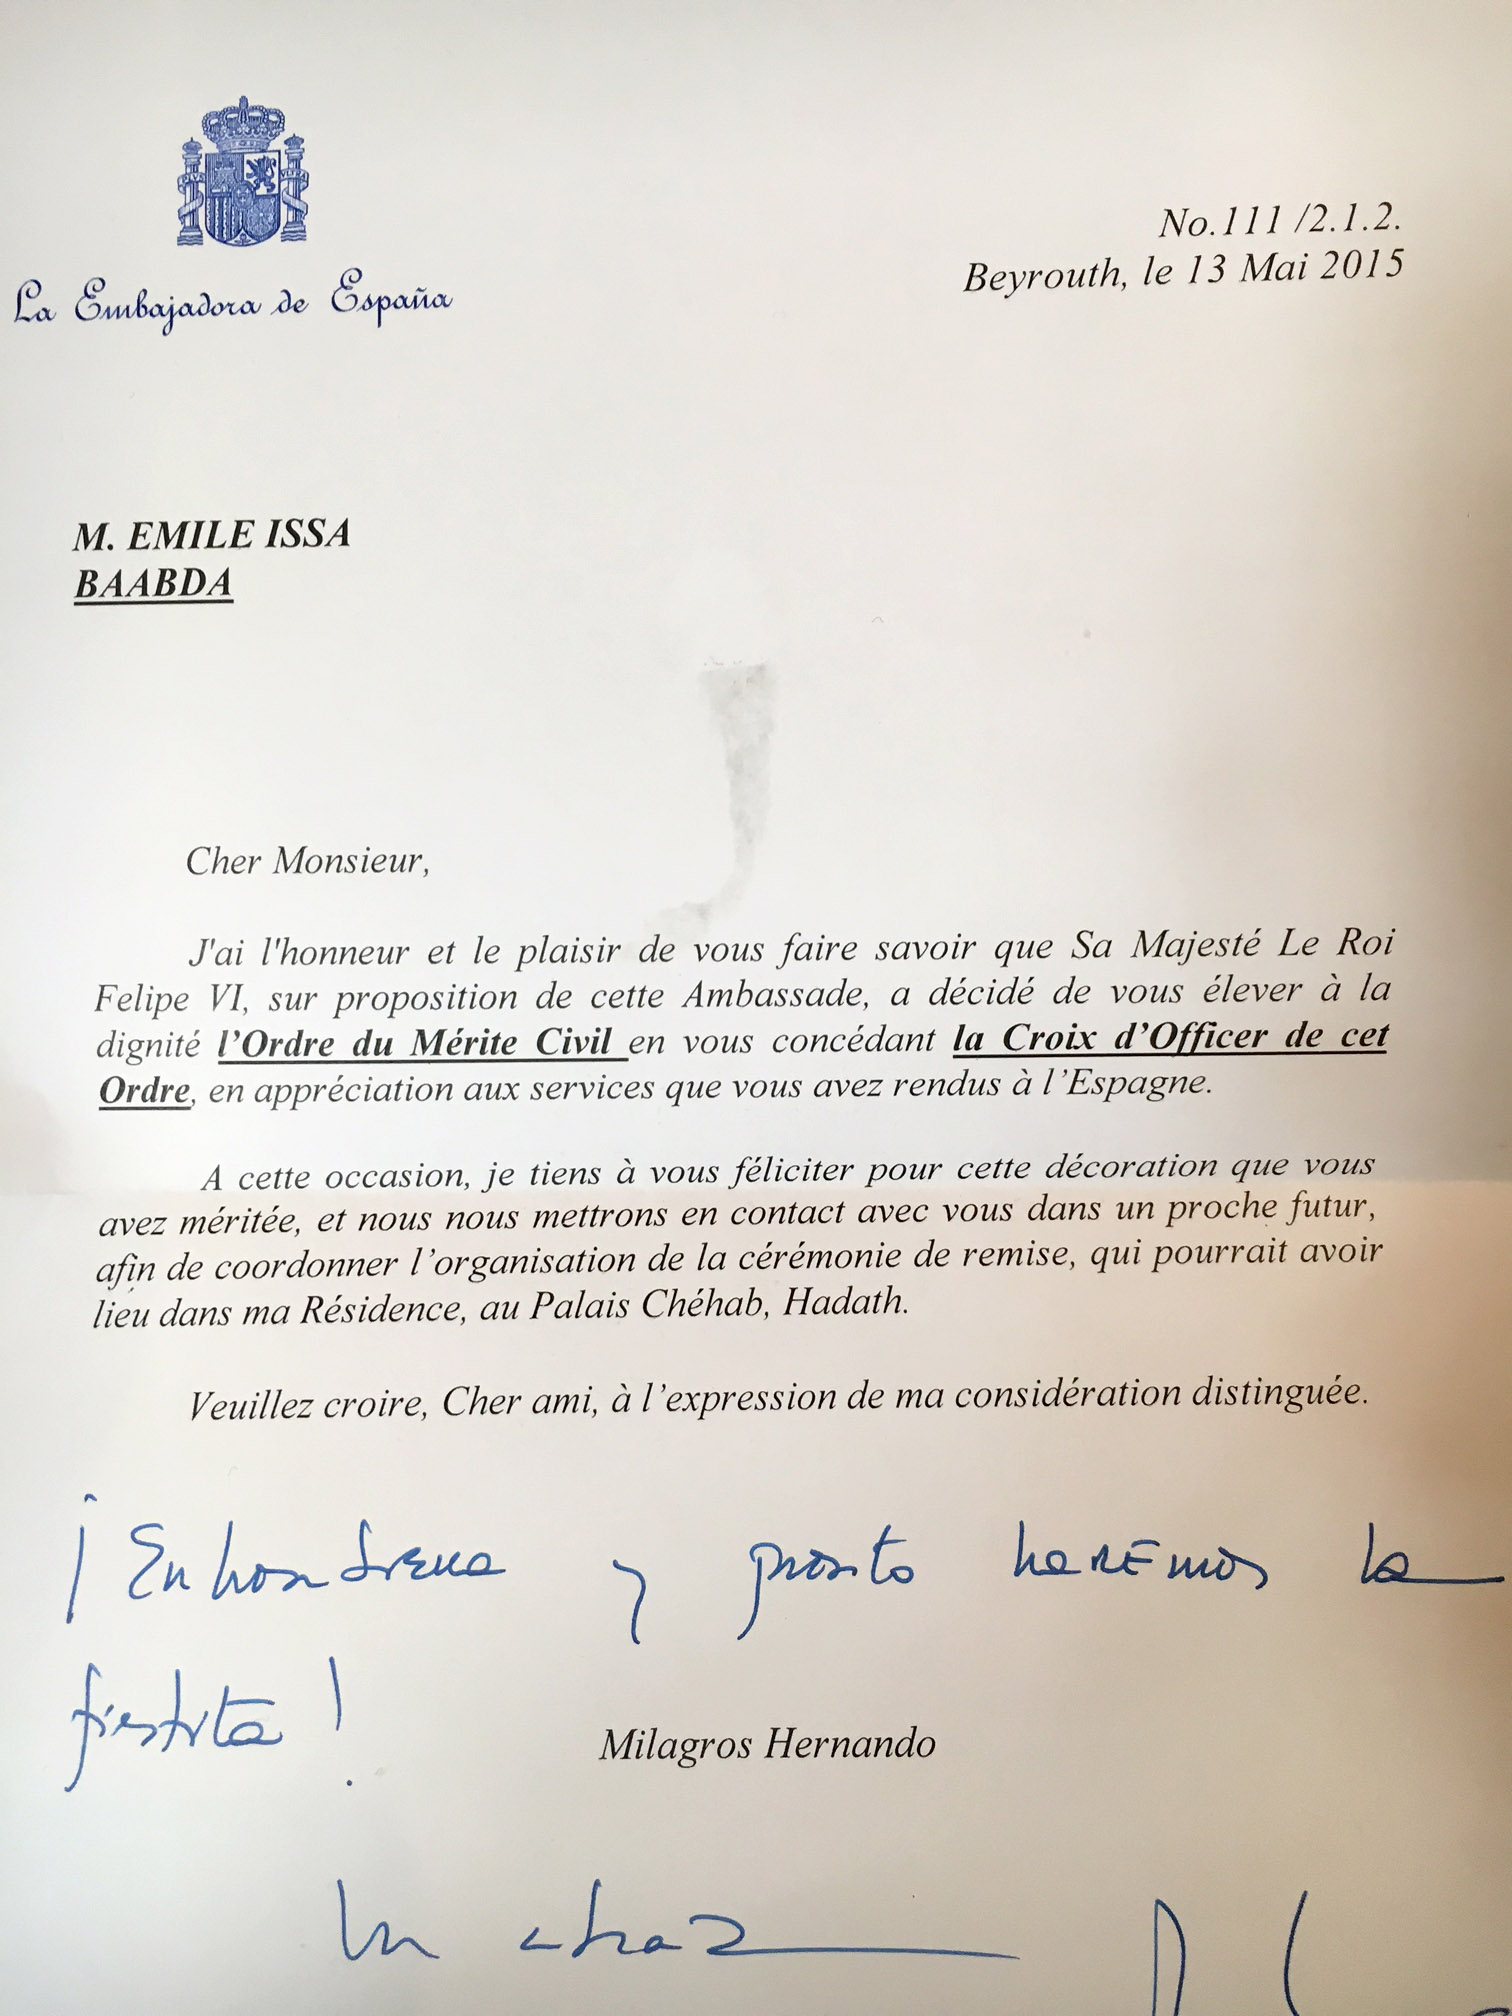 Décoration Officier de l'Ordre du Mérite Civil Espagnol Emile Issa